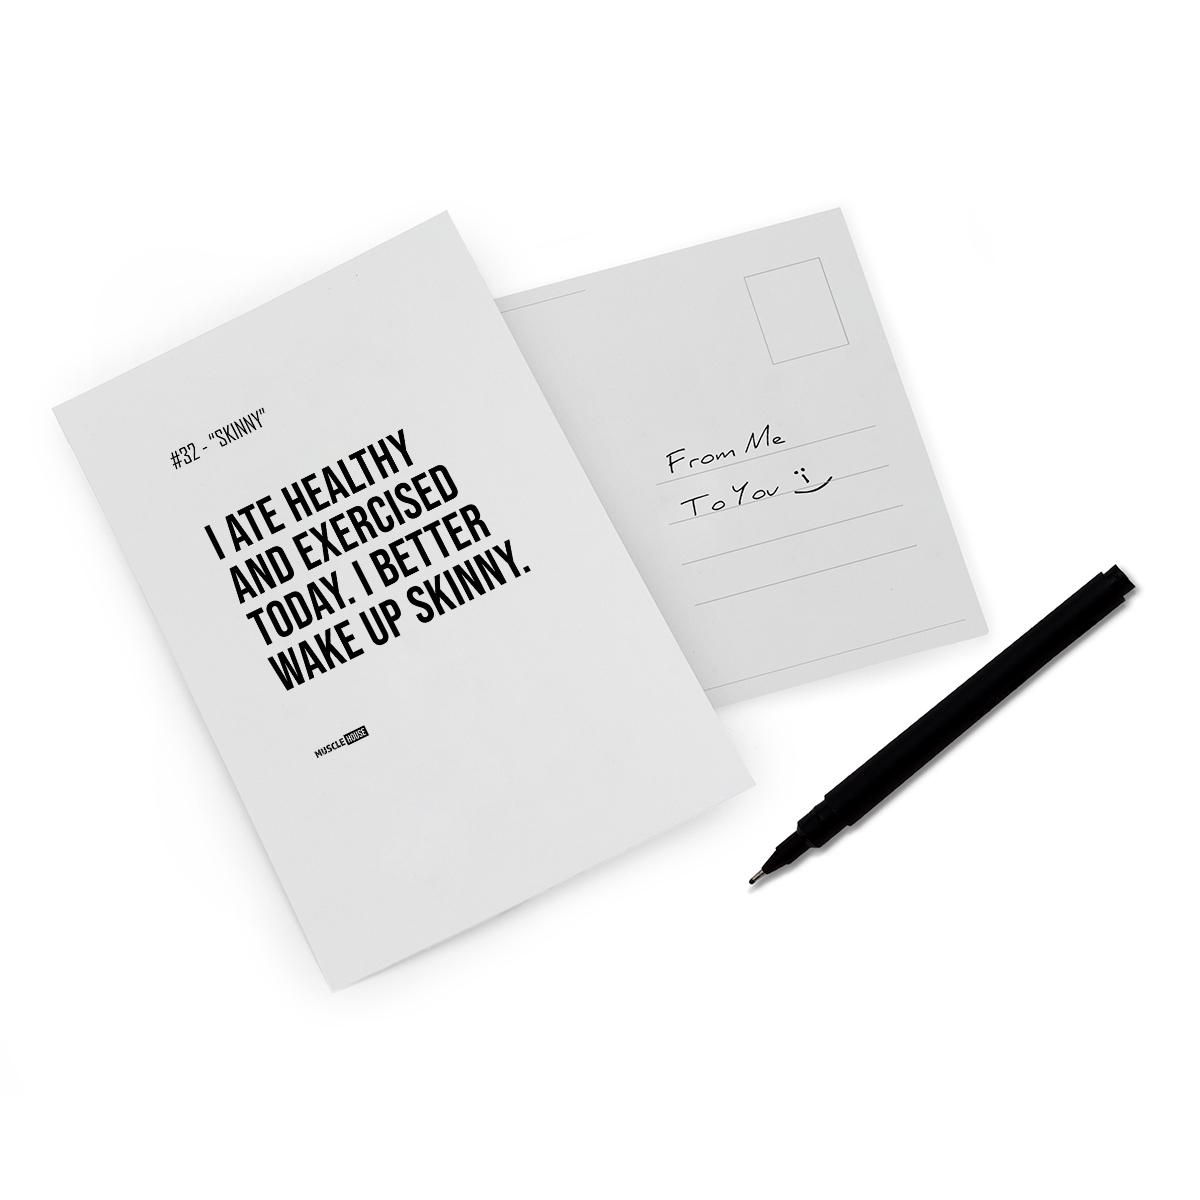 postkort_motiverende_citater_motion_træning_tynd